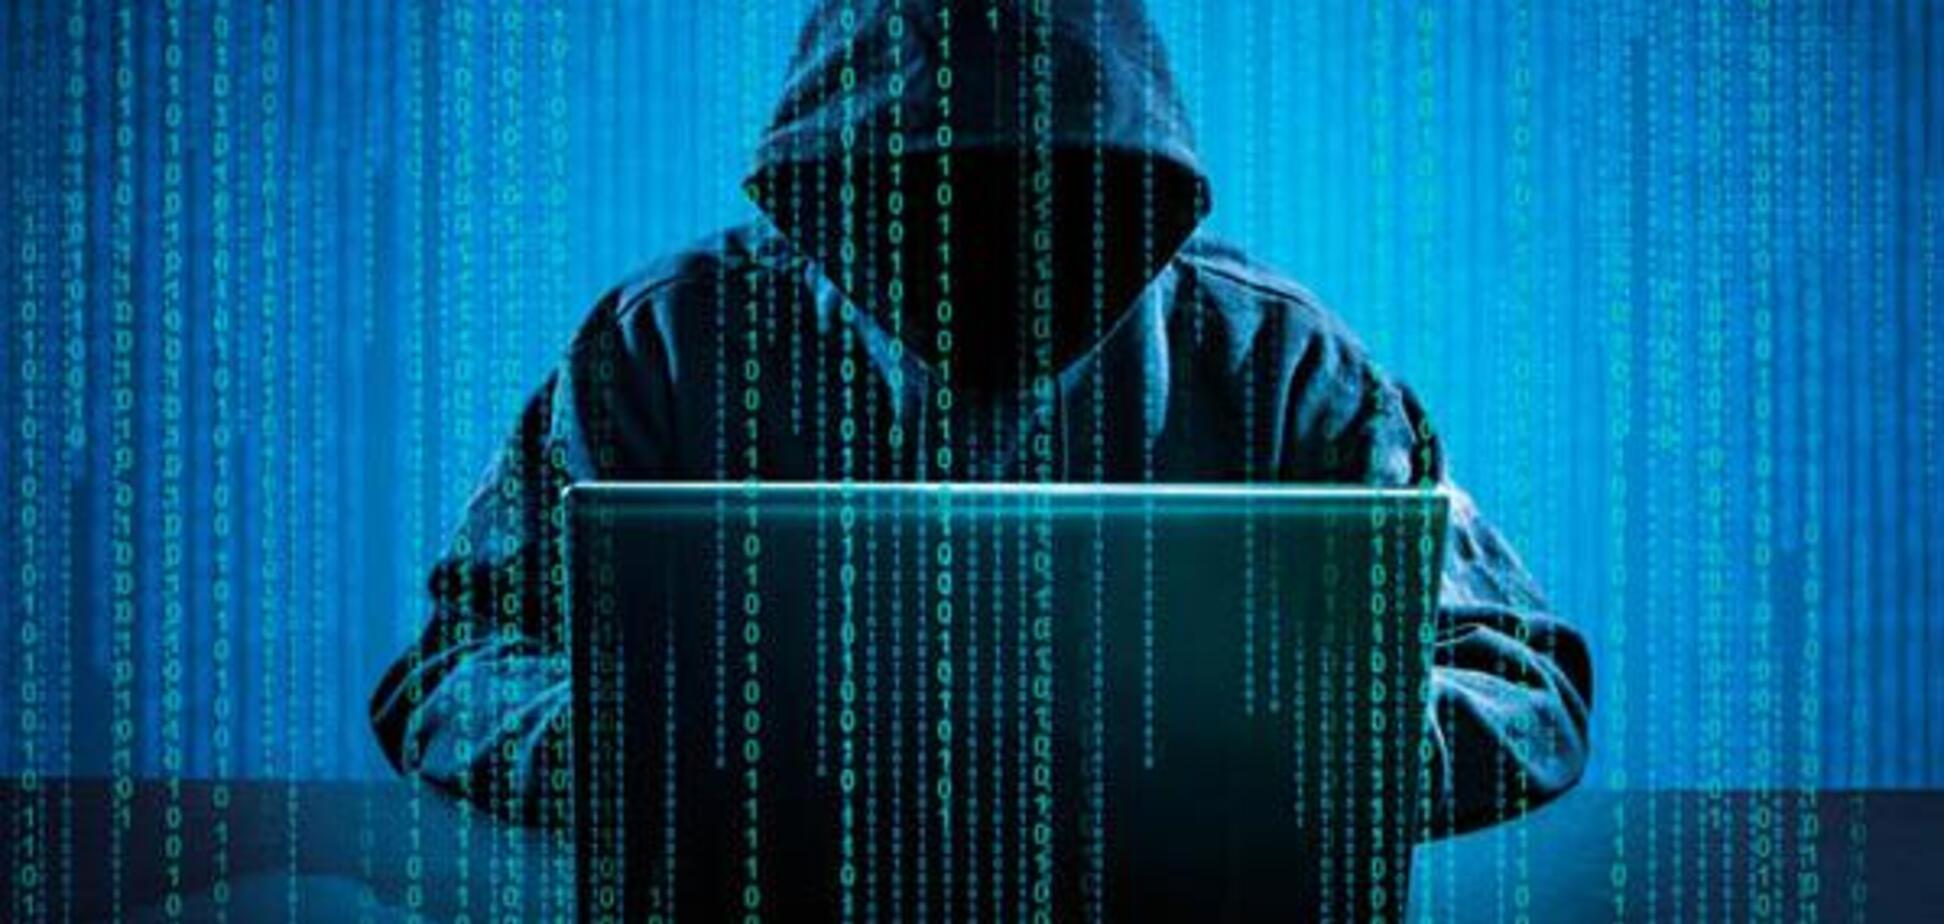 Тюрьма и штрафы для хакеров: Кабмин предлагает новые наказания